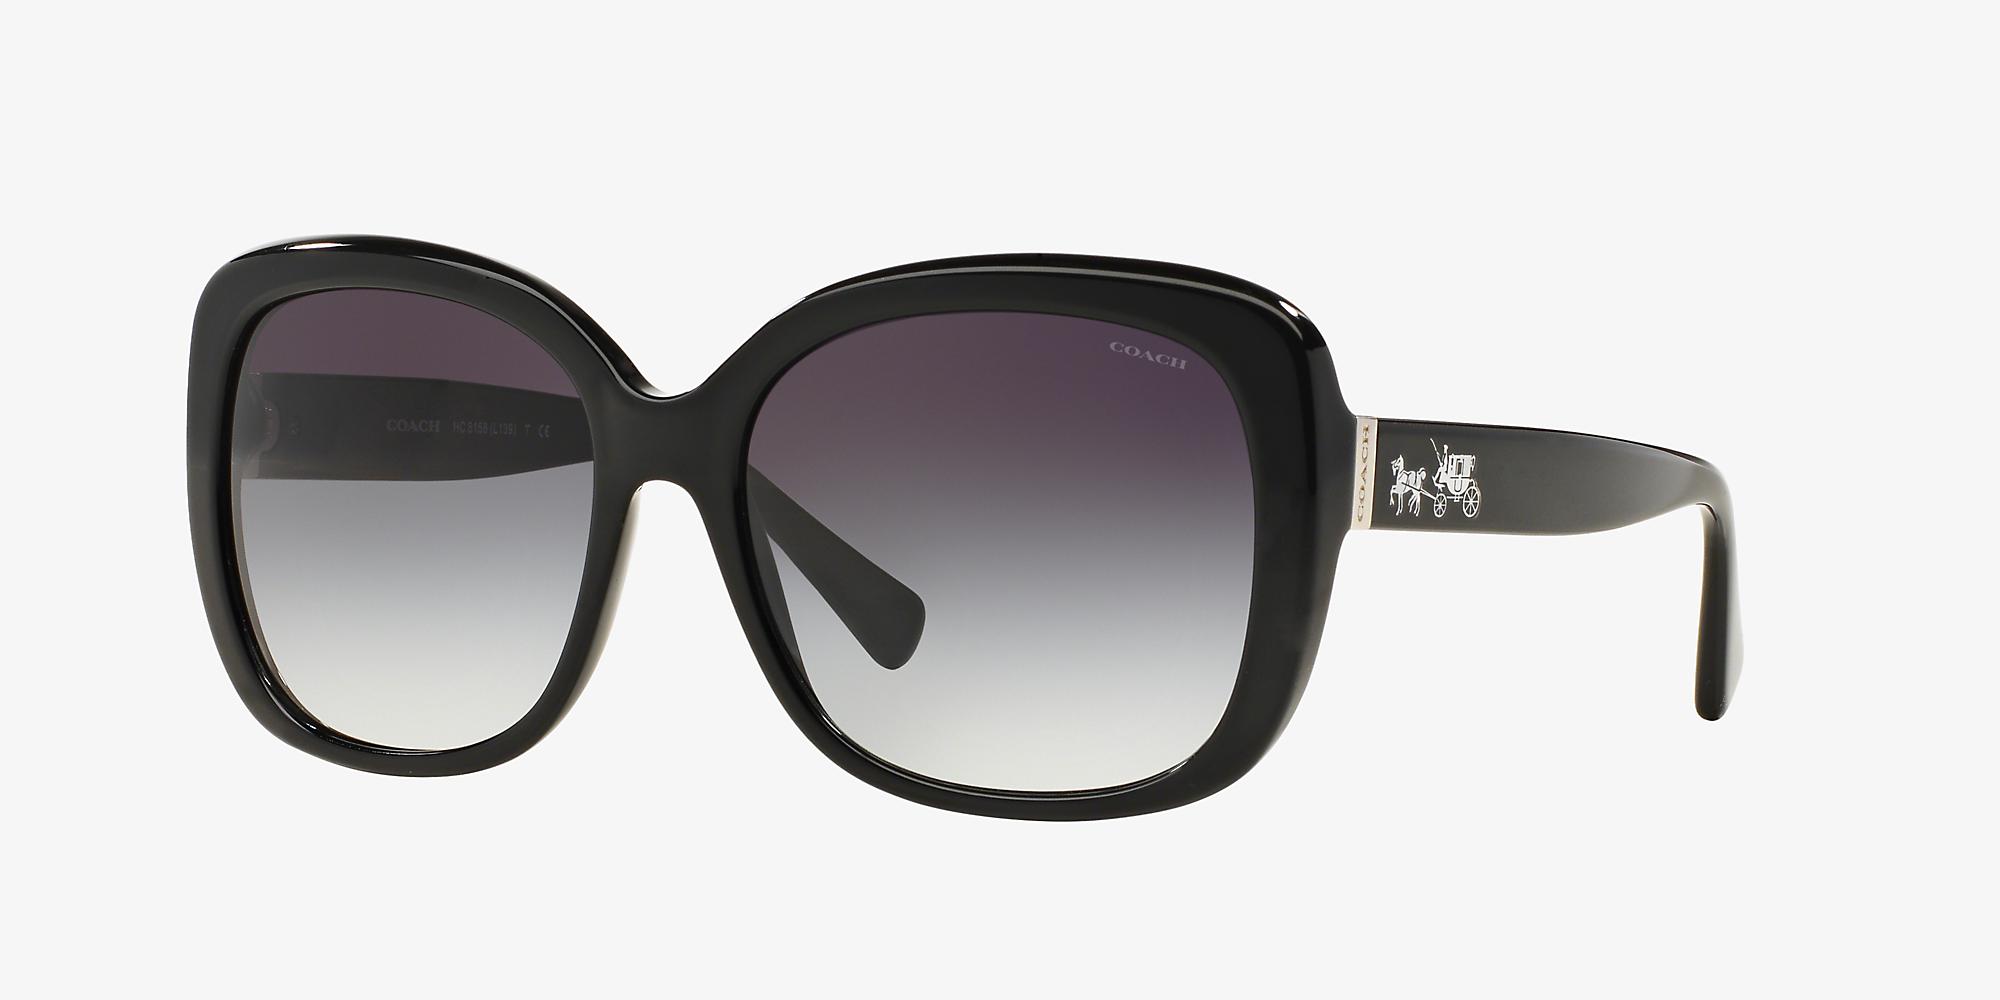 d4da8c3fc561 Coach HC8158 58 Blue & Black Sunglasses | Sunglass Hut USA